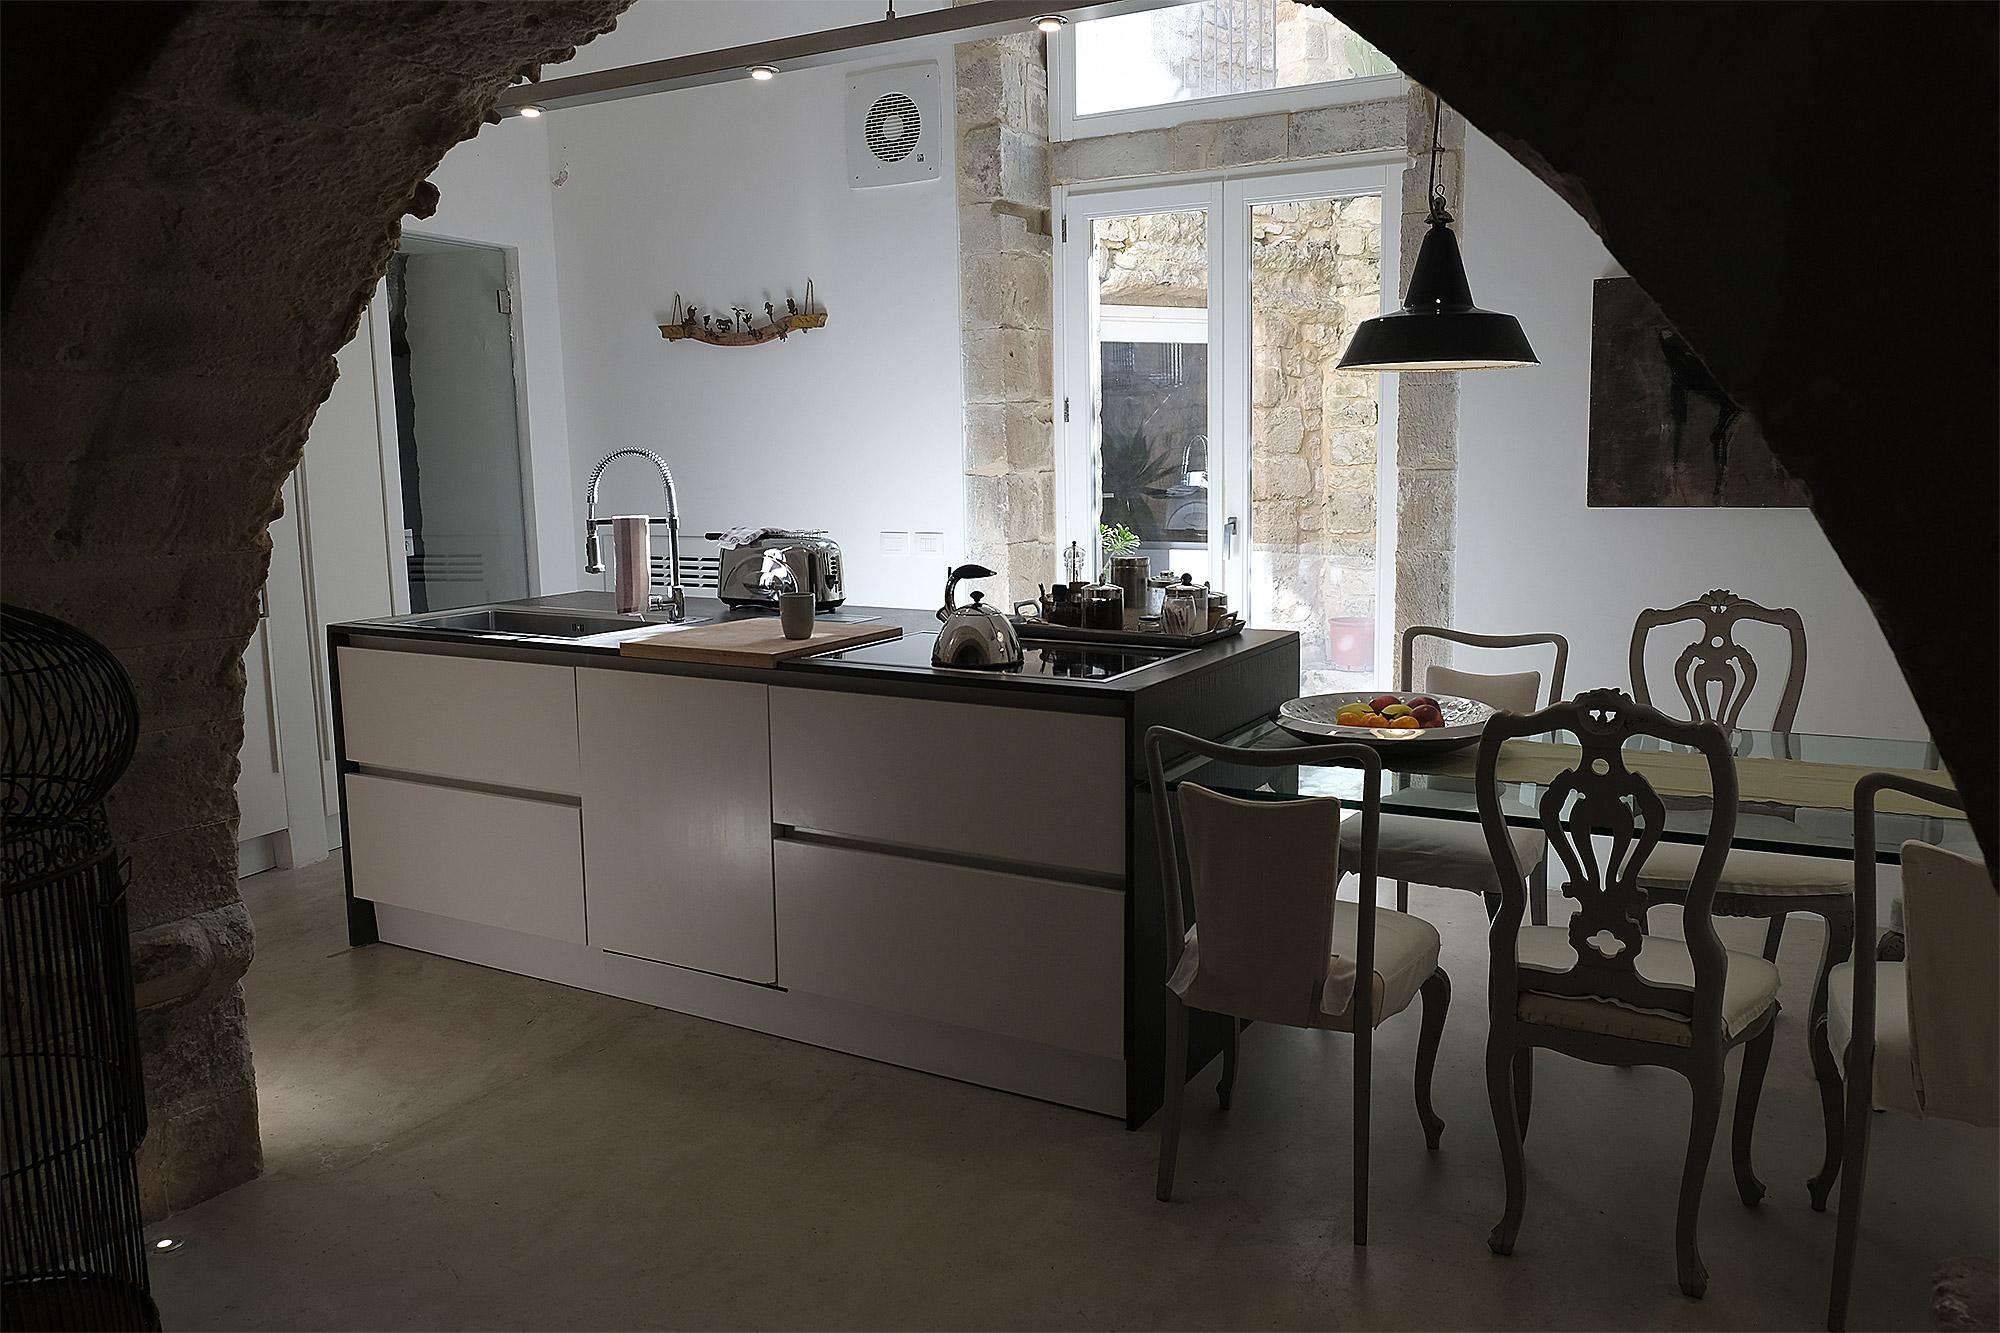 Einblick in die Küche